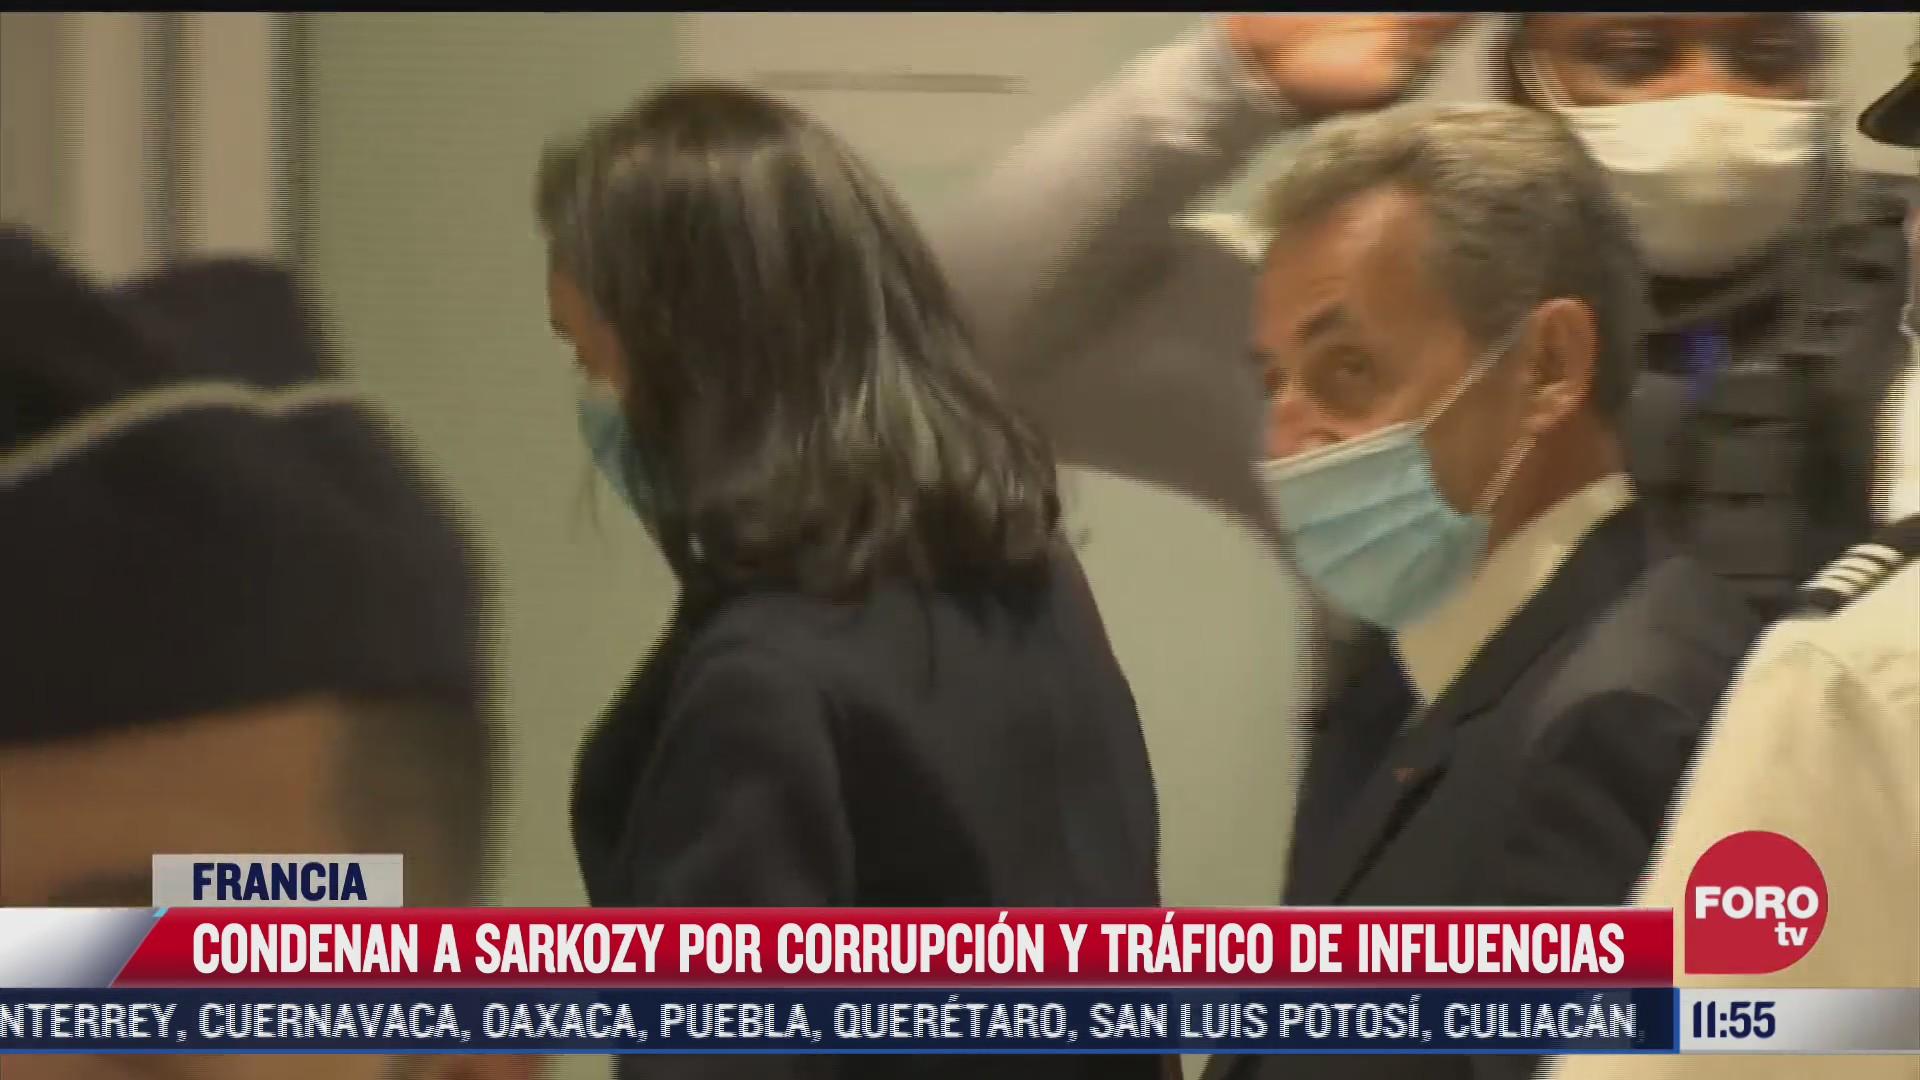 nicolas sarkozy expresidente de francia condenado a prision por corrupcion